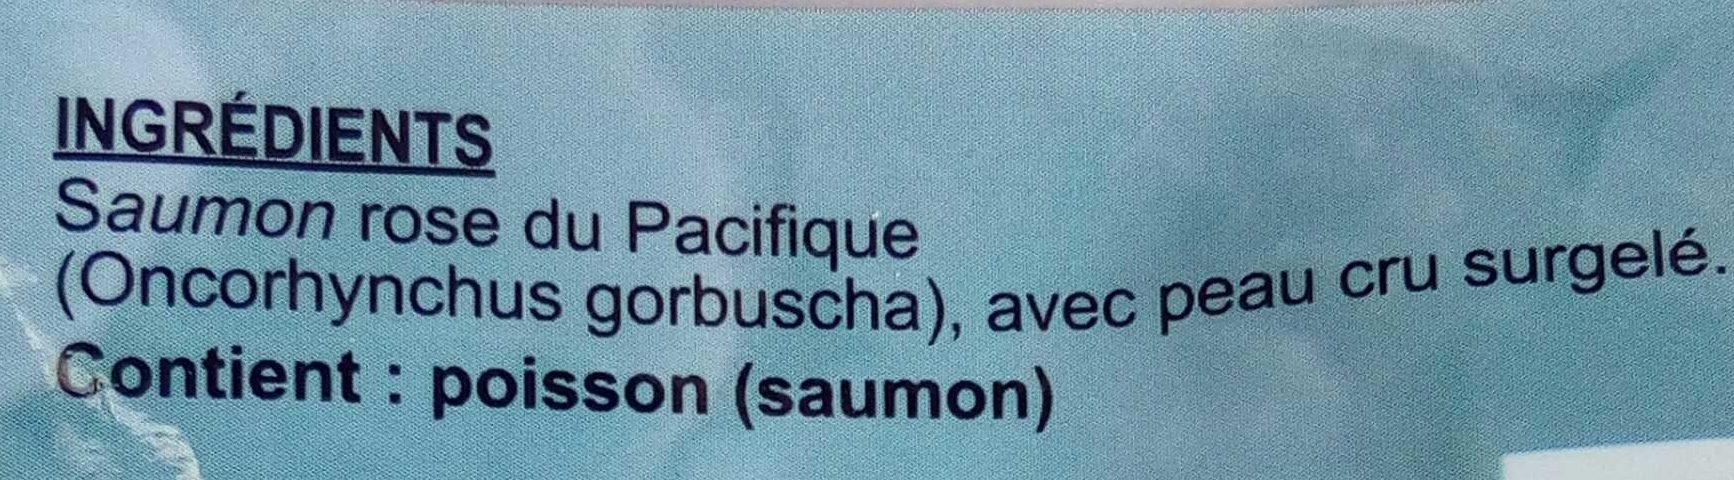 Pavé de saumon rose du Pacifique - Ingrédients - fr